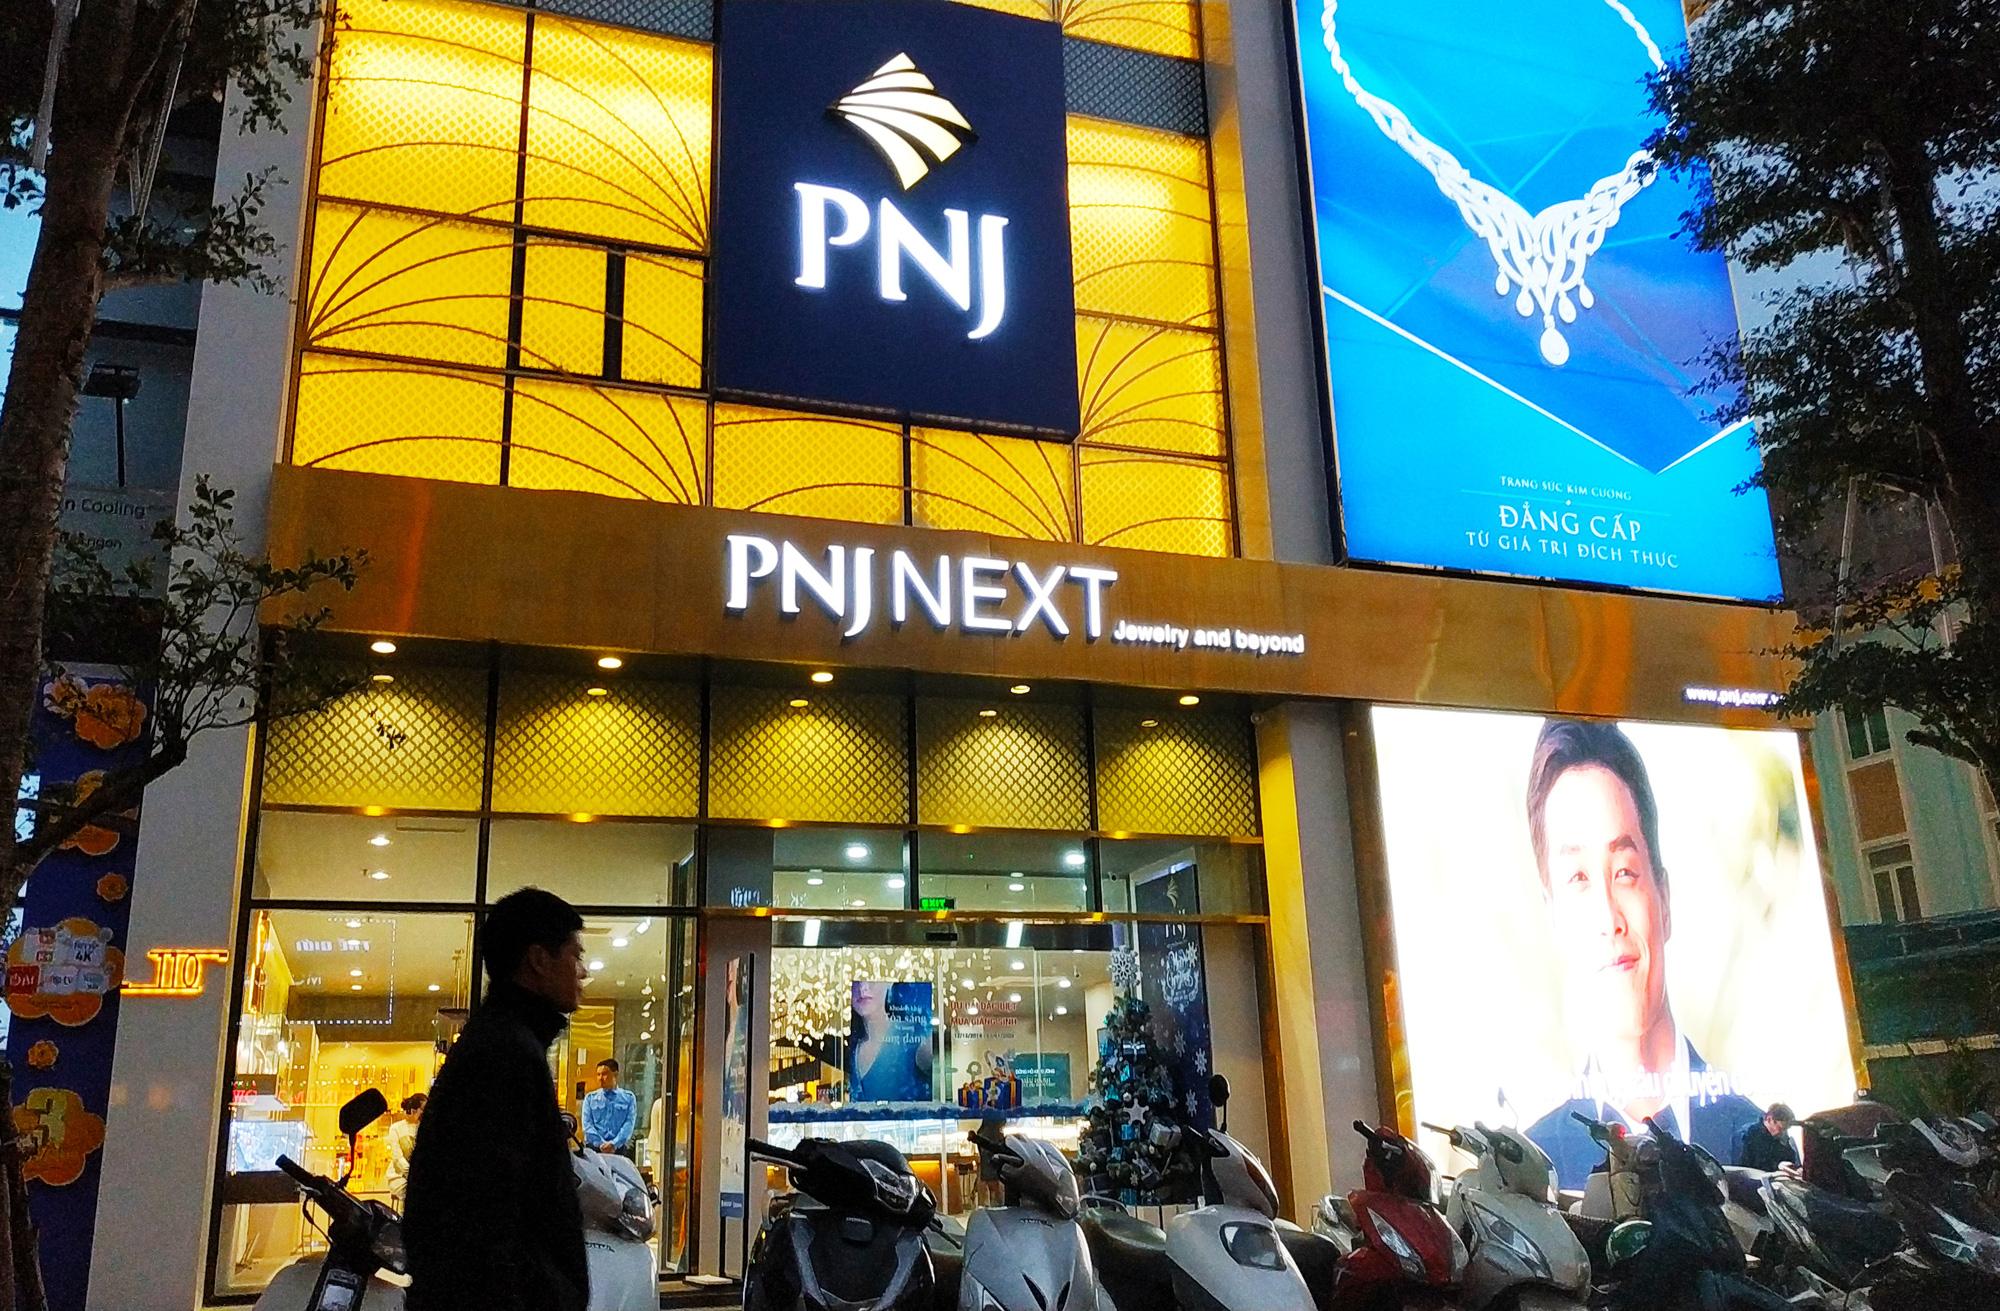 Một lãnh đạo PNJ từ chức - Ảnh 1.